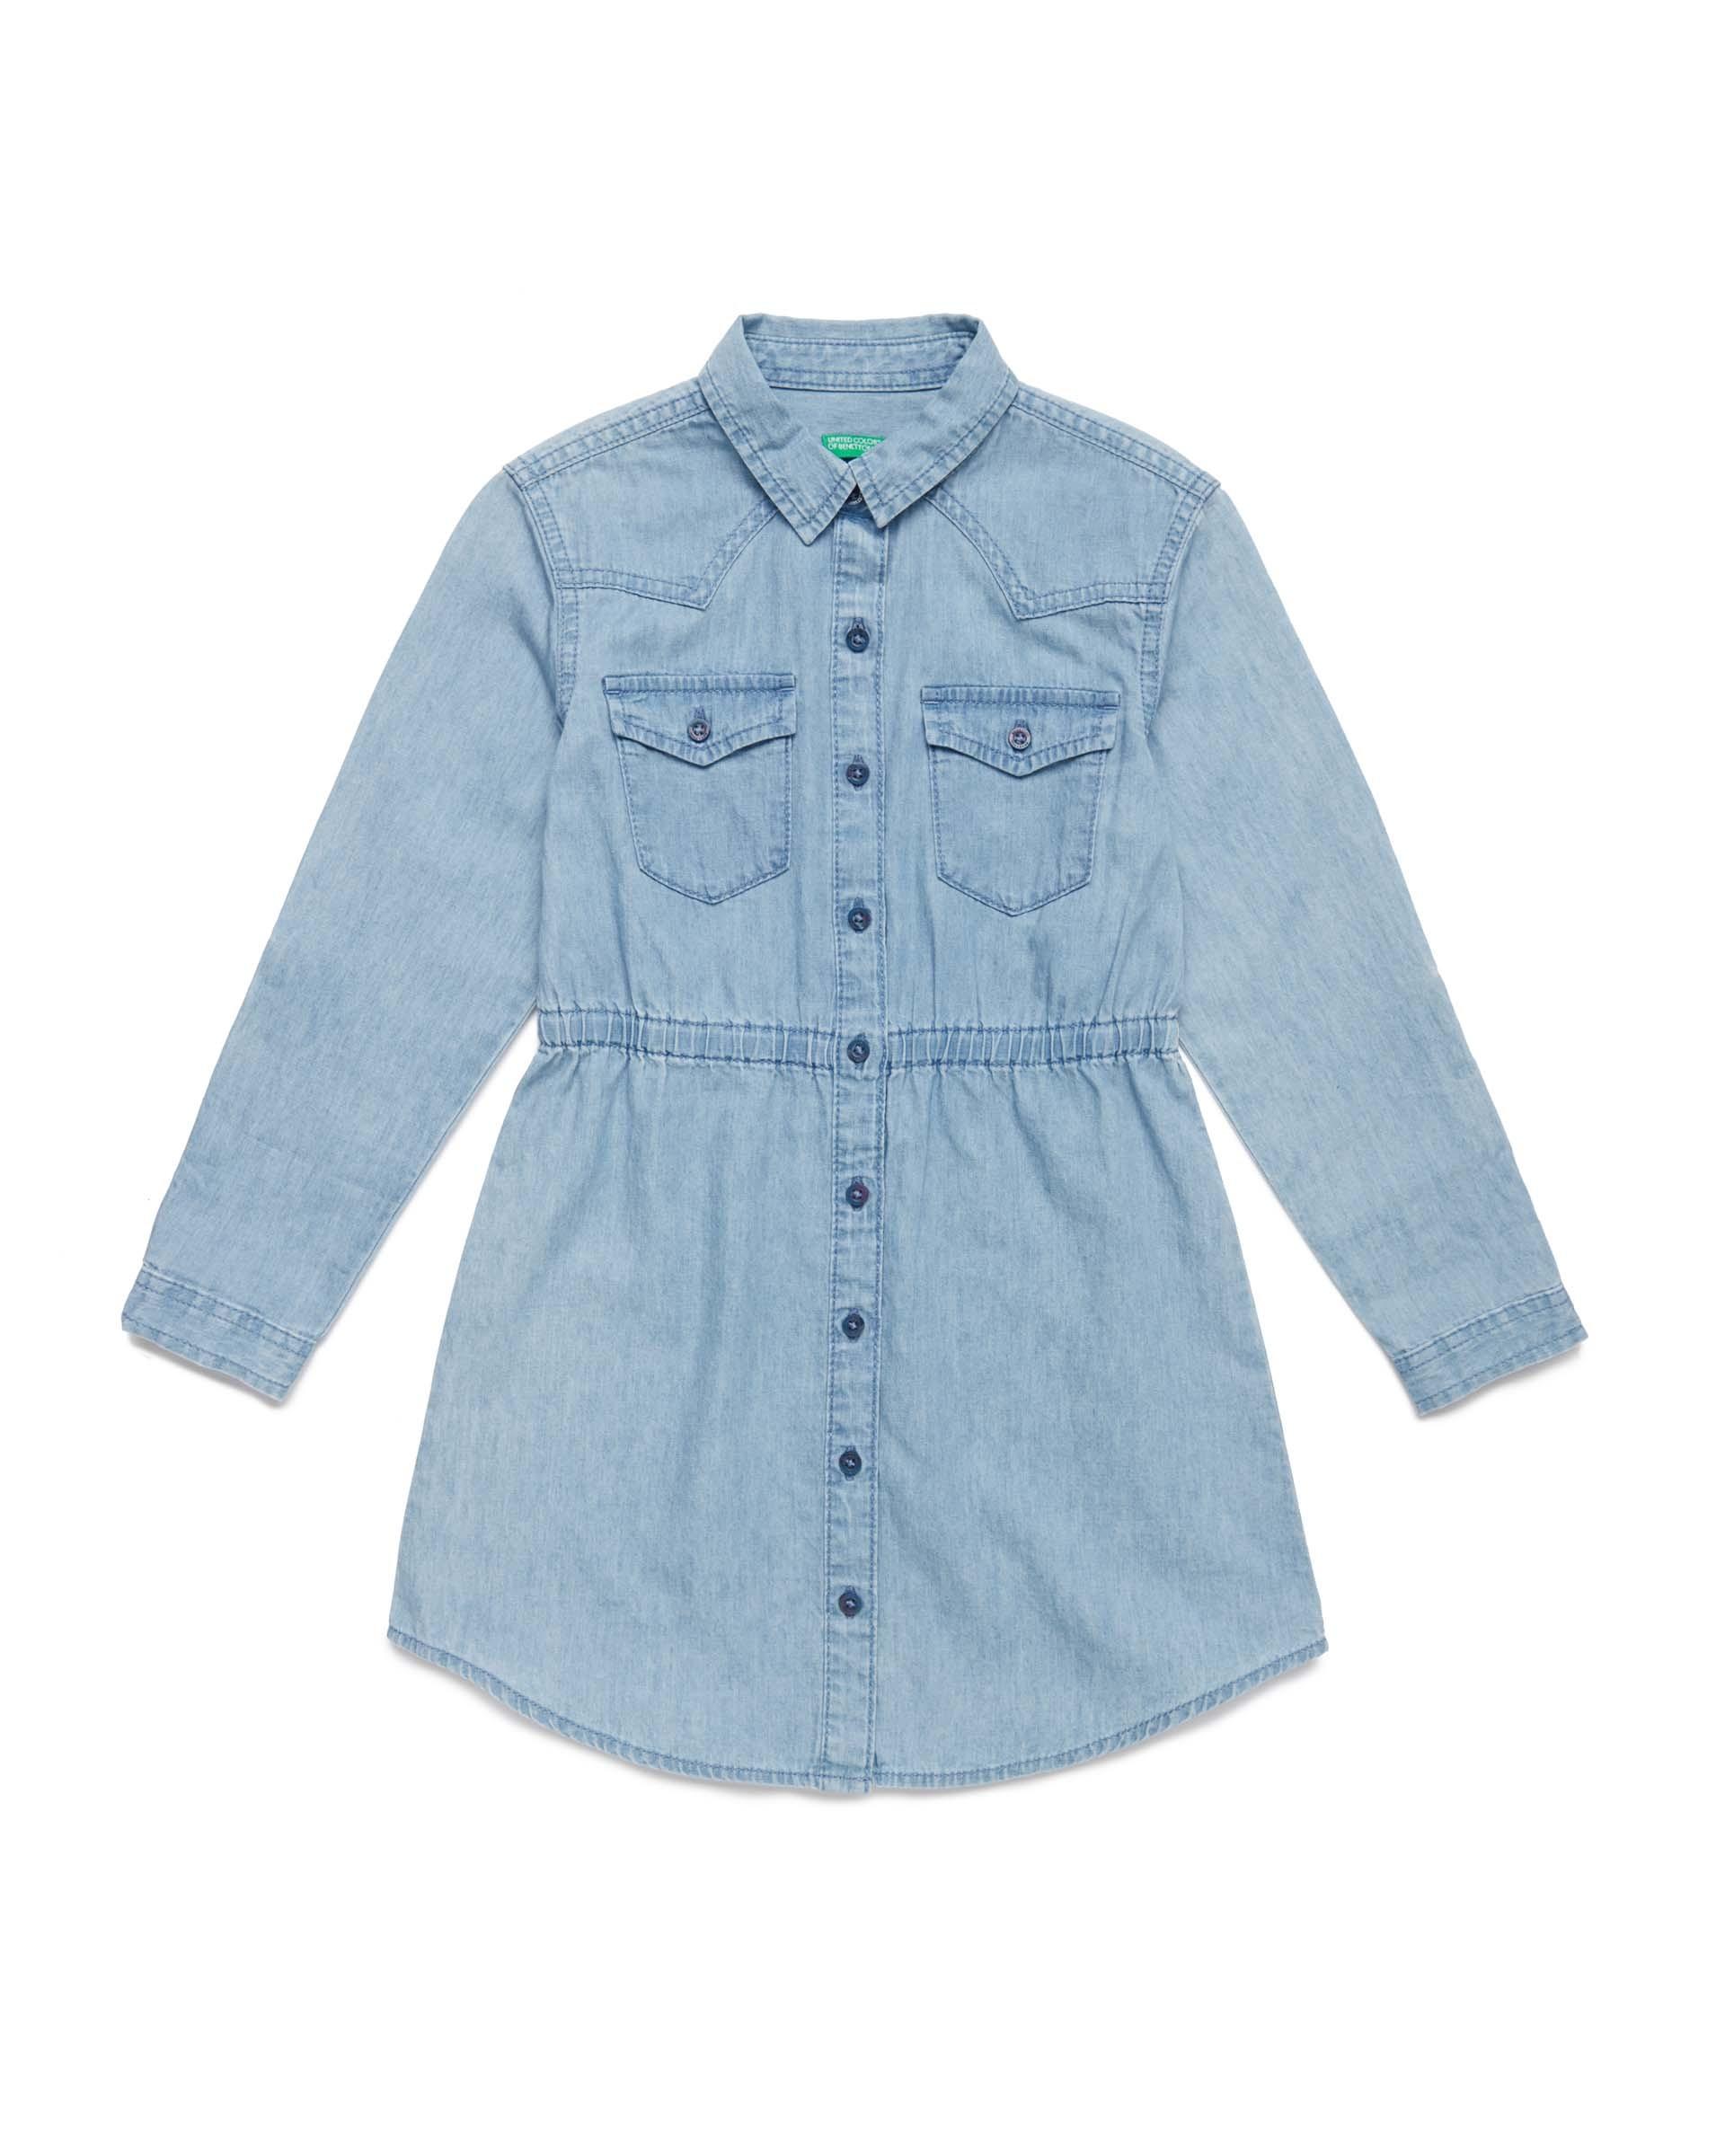 Купить 20P_4DHJ5VDE0_902, Джинсовое платье-рубашка для девочек Benetton 4DHJ5VDE0_902 р-р 128, United Colors of Benetton, Платья для девочек